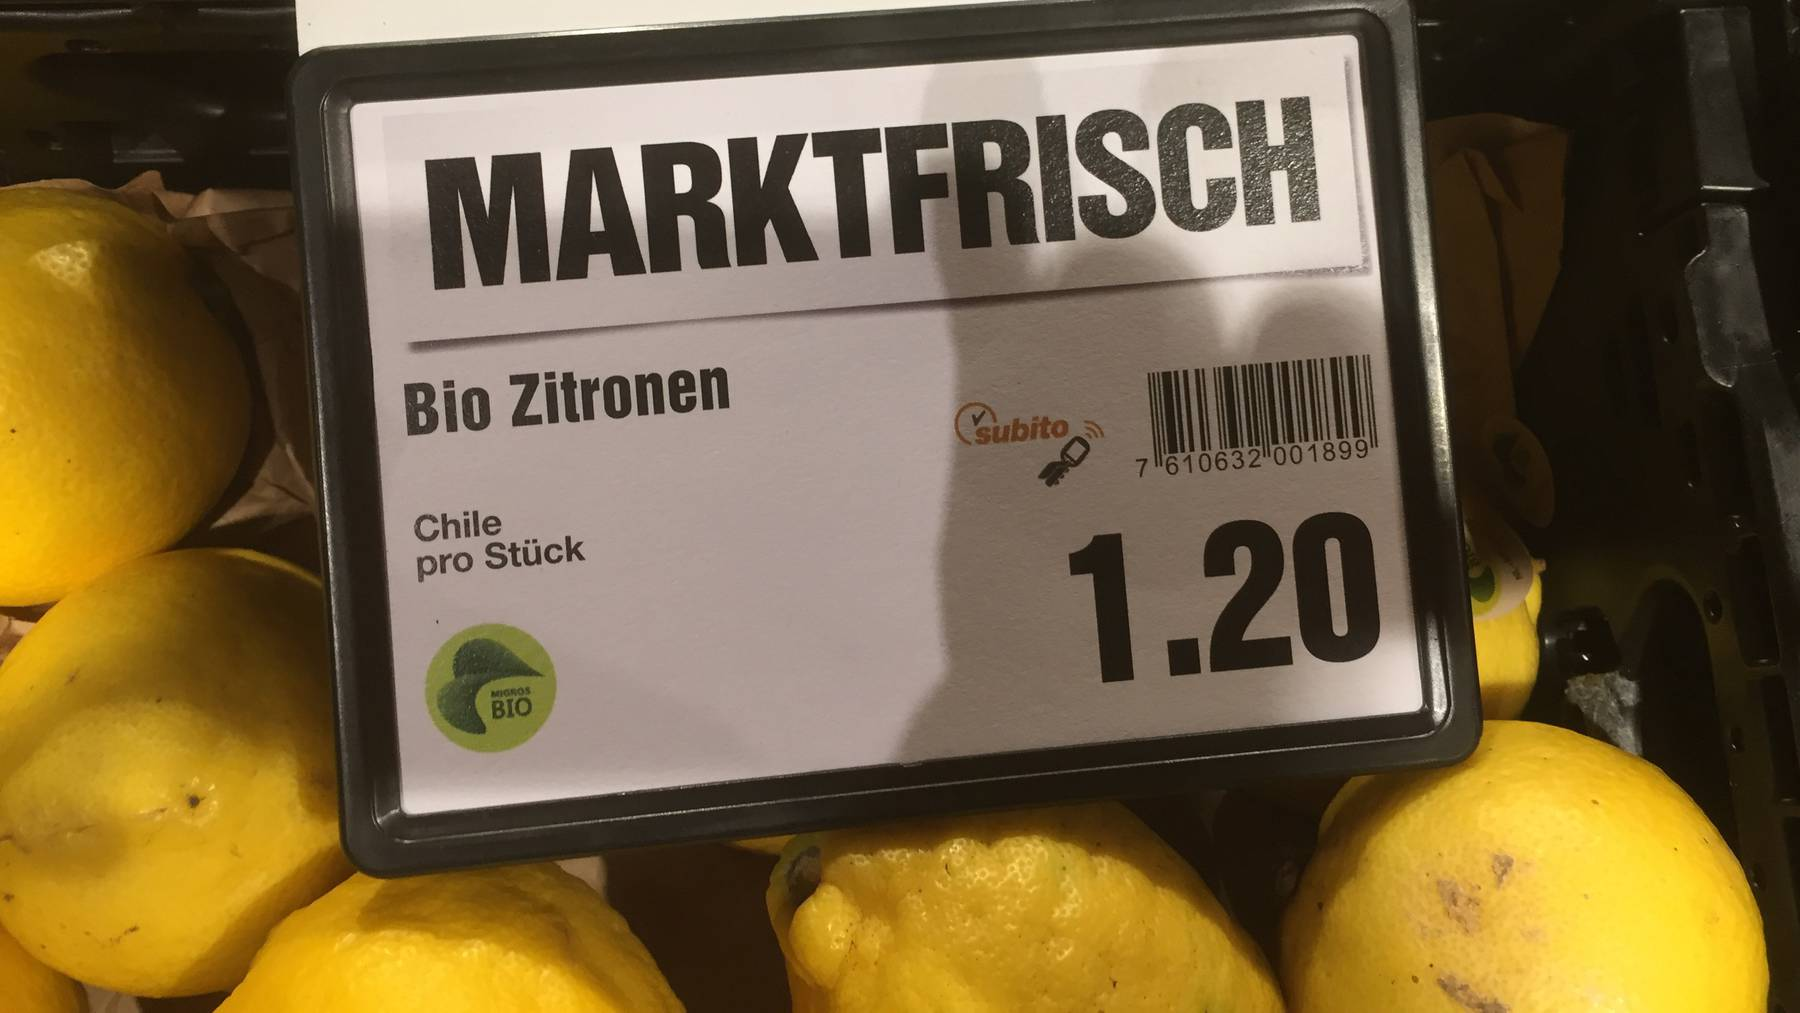 Bio Zitronen aus Chile